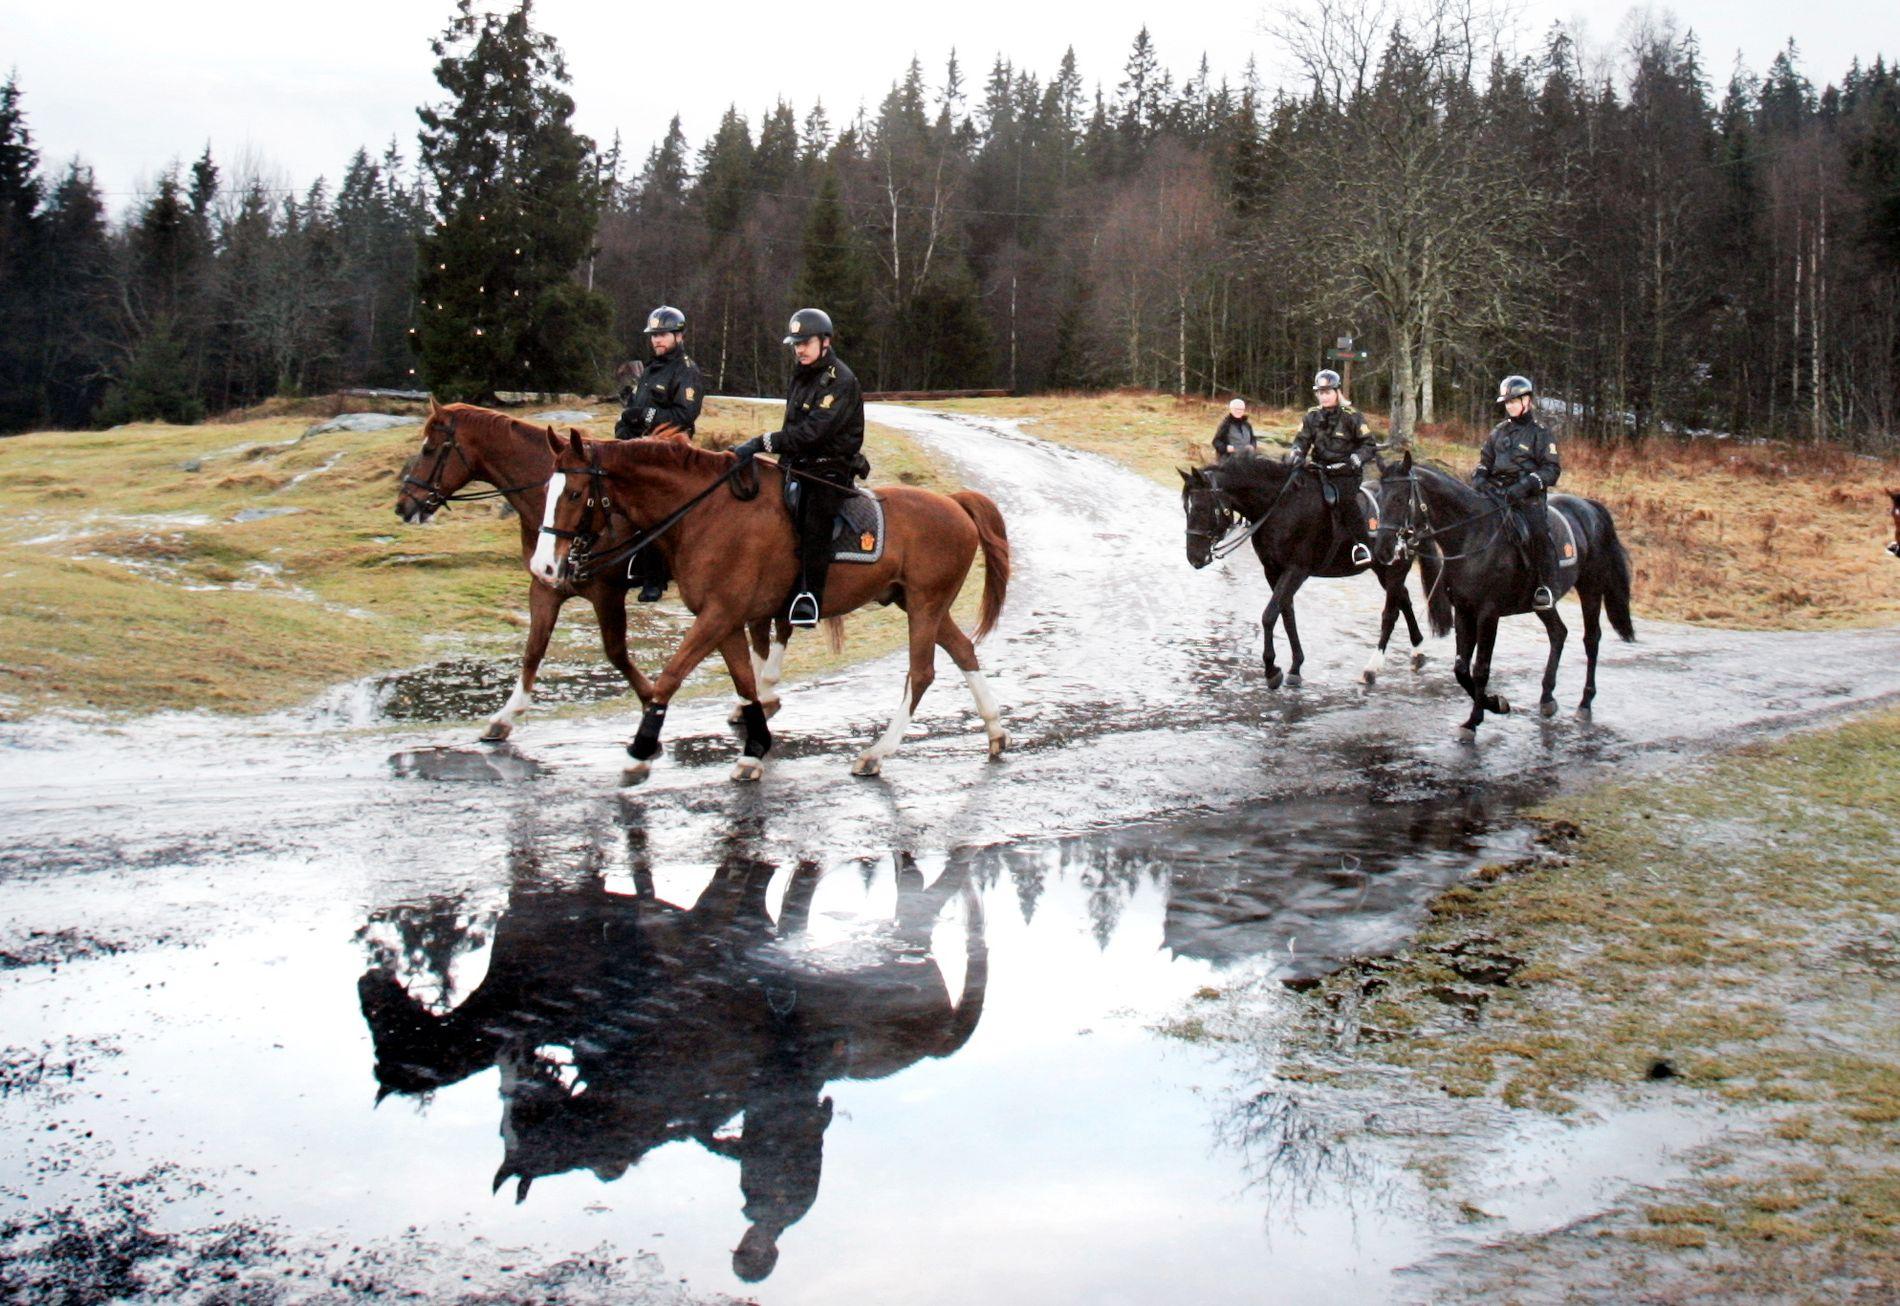 VINTER ELLER IKKE VINTER: Det spøker for gode gamle vintre i lavlandet i sørlige del av Norge. Her er politi til hest i januar utenfor Ullevålseter i Oslo – på barmark.